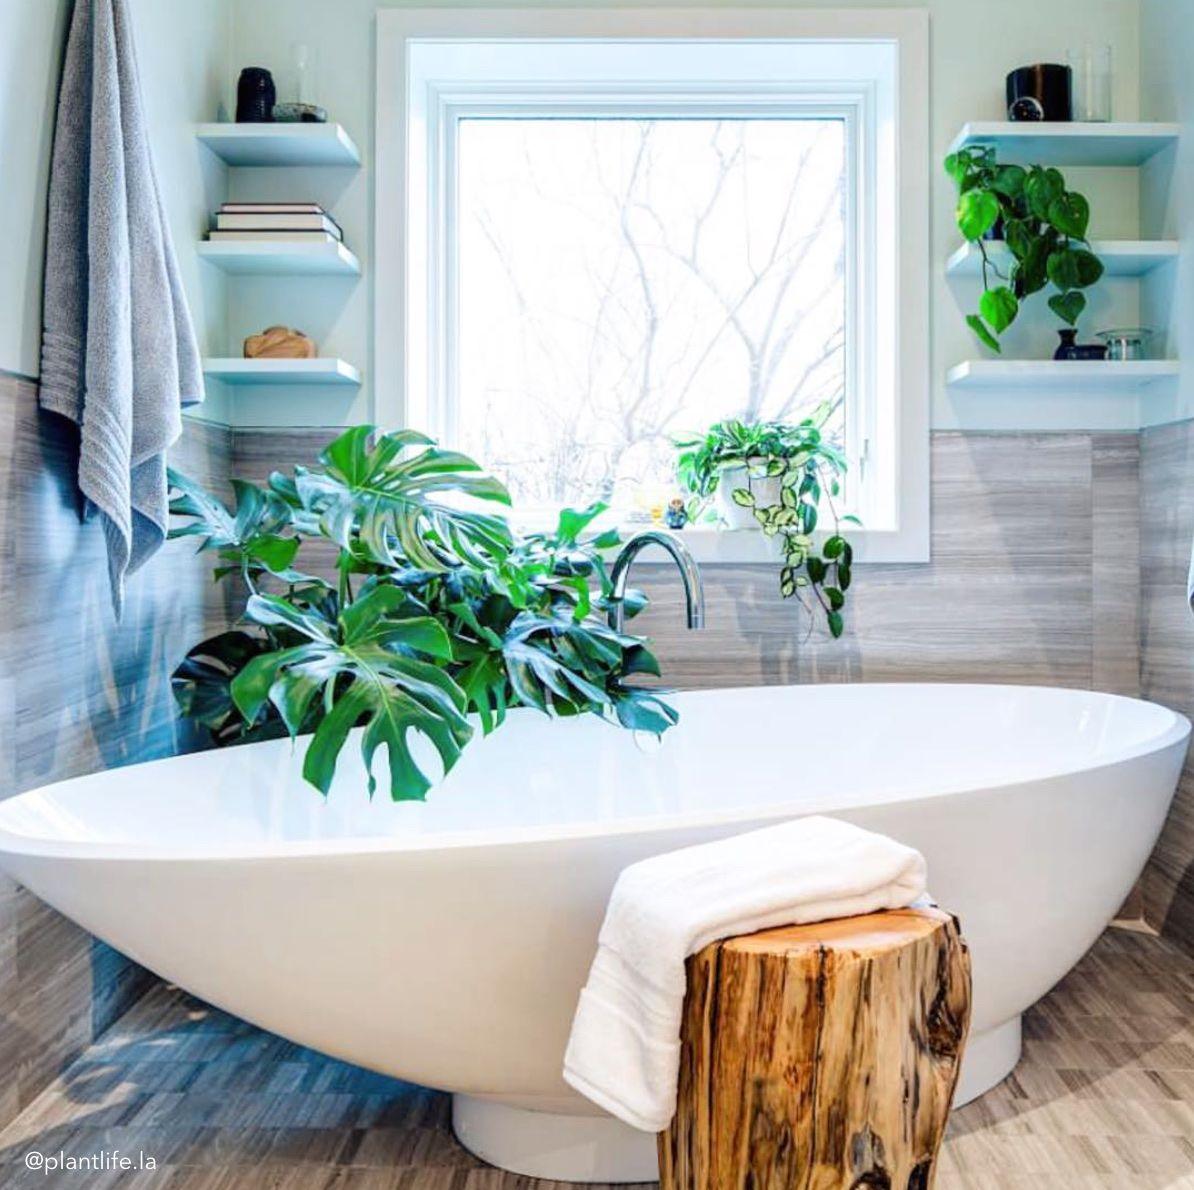 Dschungel badezimmer dekor  sensationelle pflanzen für badezimmer bilder ideen  mehr auf